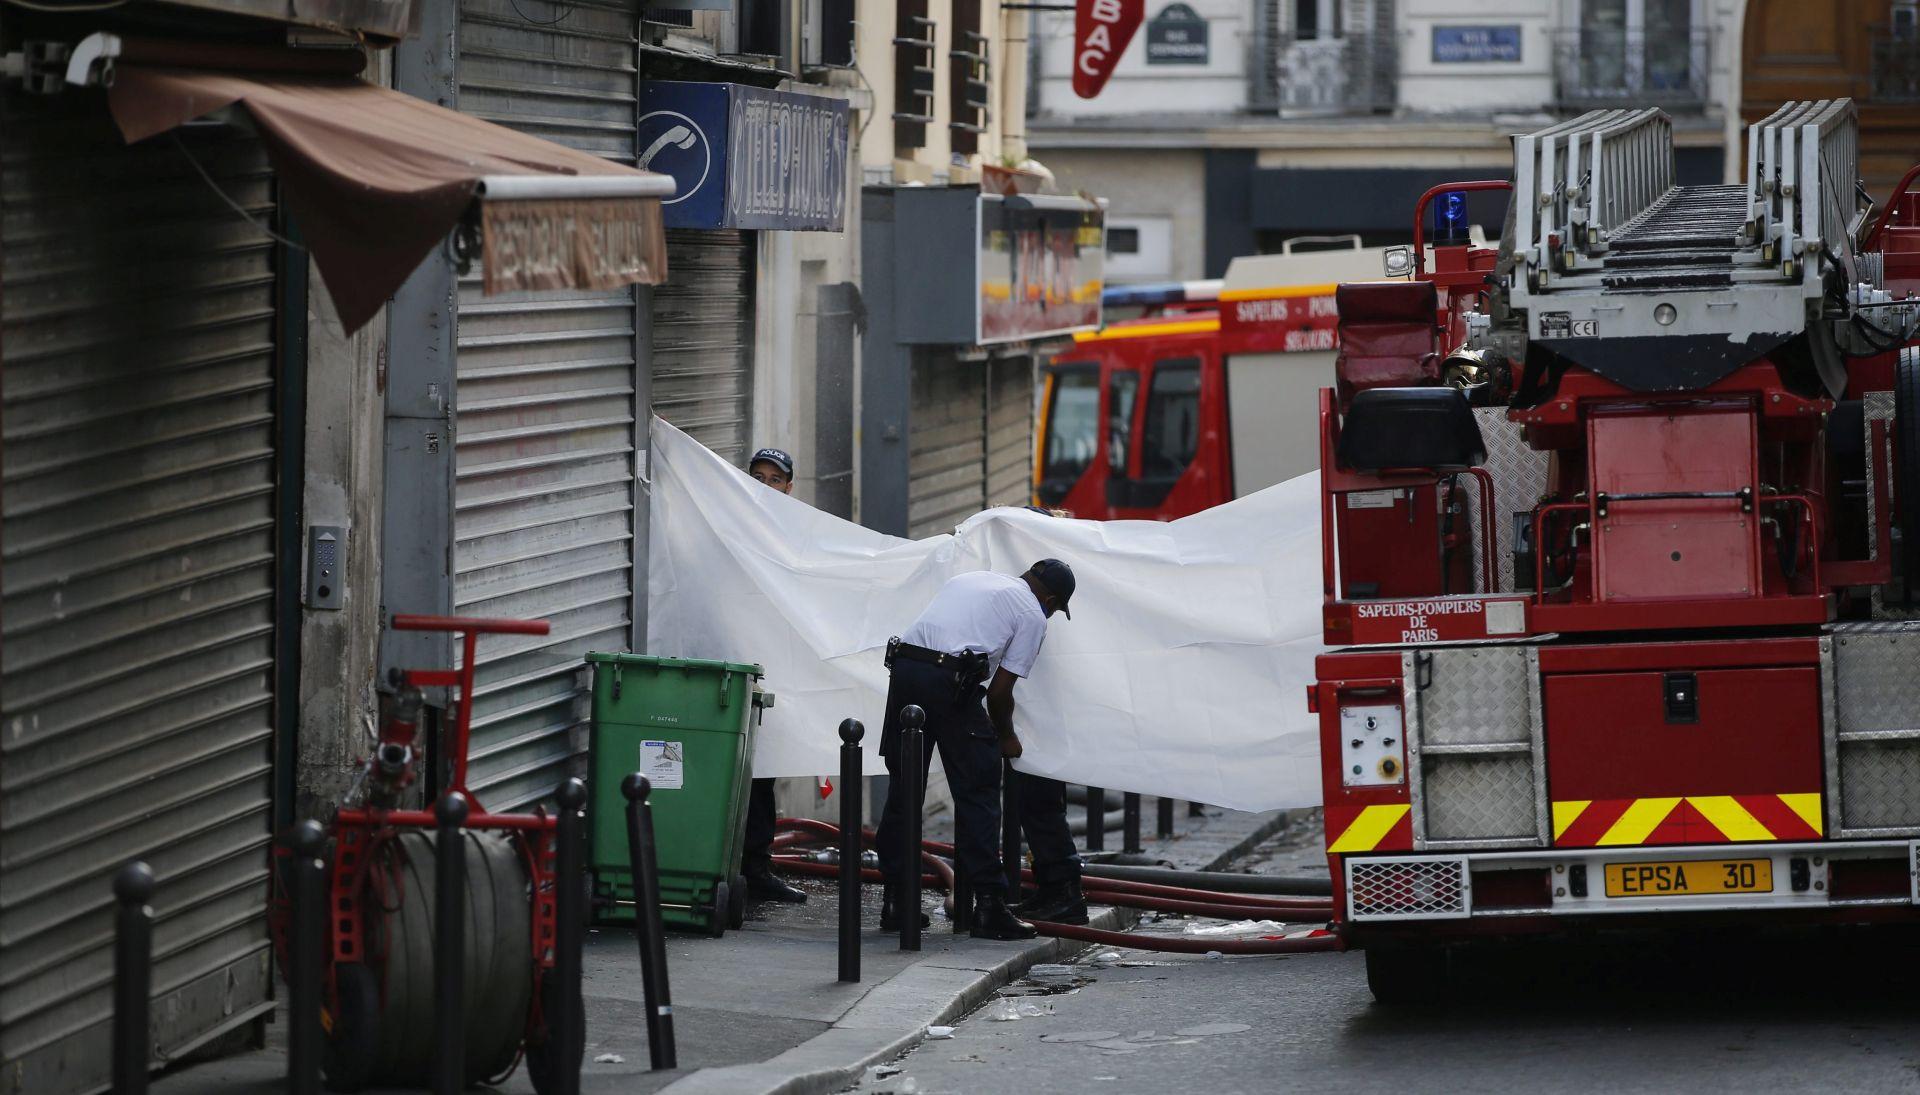 PARIZ TUGUJE Požar u stambenoj zgradi odnio živote osam ljudi, među njima i dvoje djece